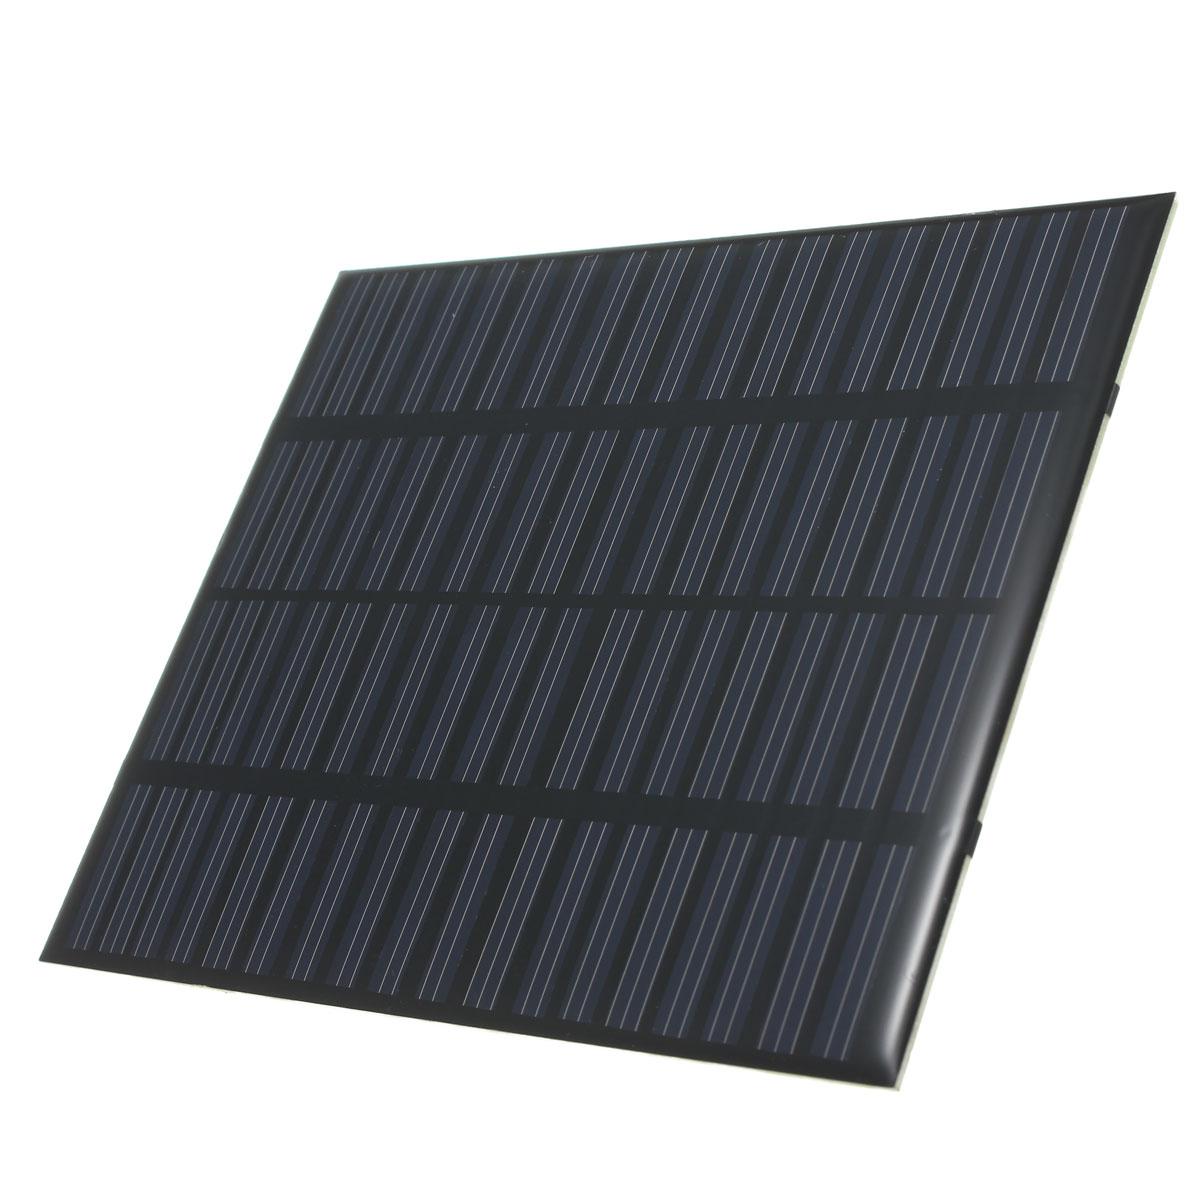 Pannello Solare Per Batteria : V ma w solare pannello fotovoltaico per auto